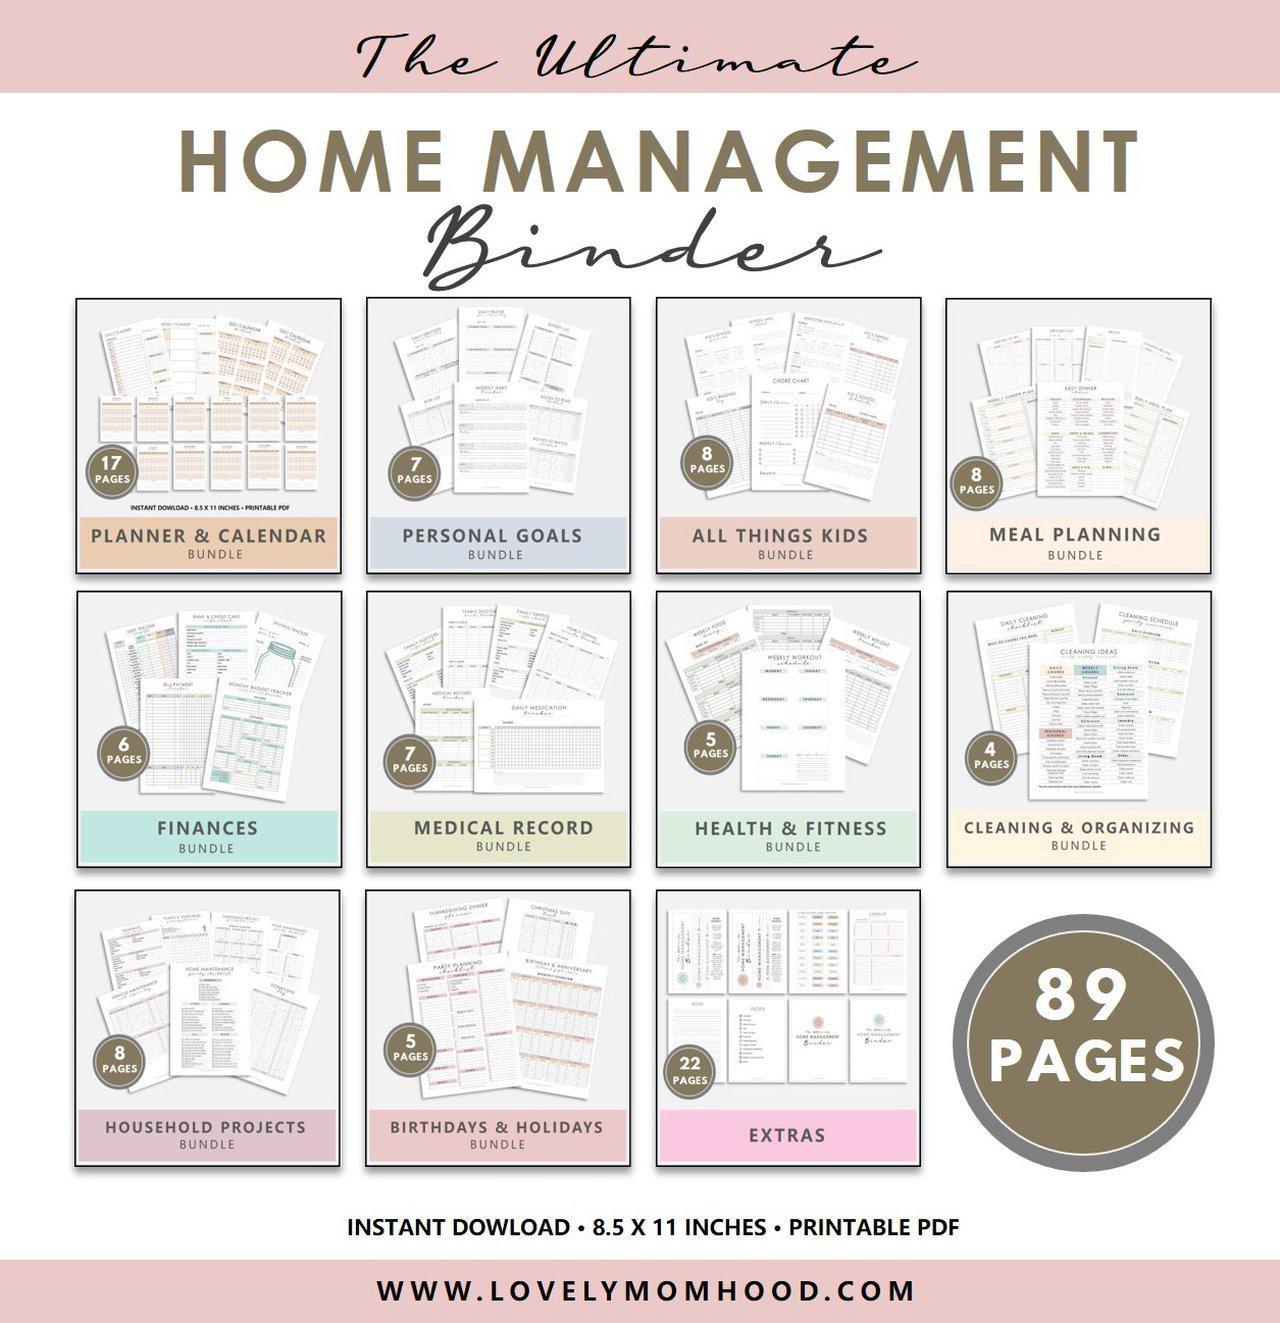 Home Management Binder Printable Bundle